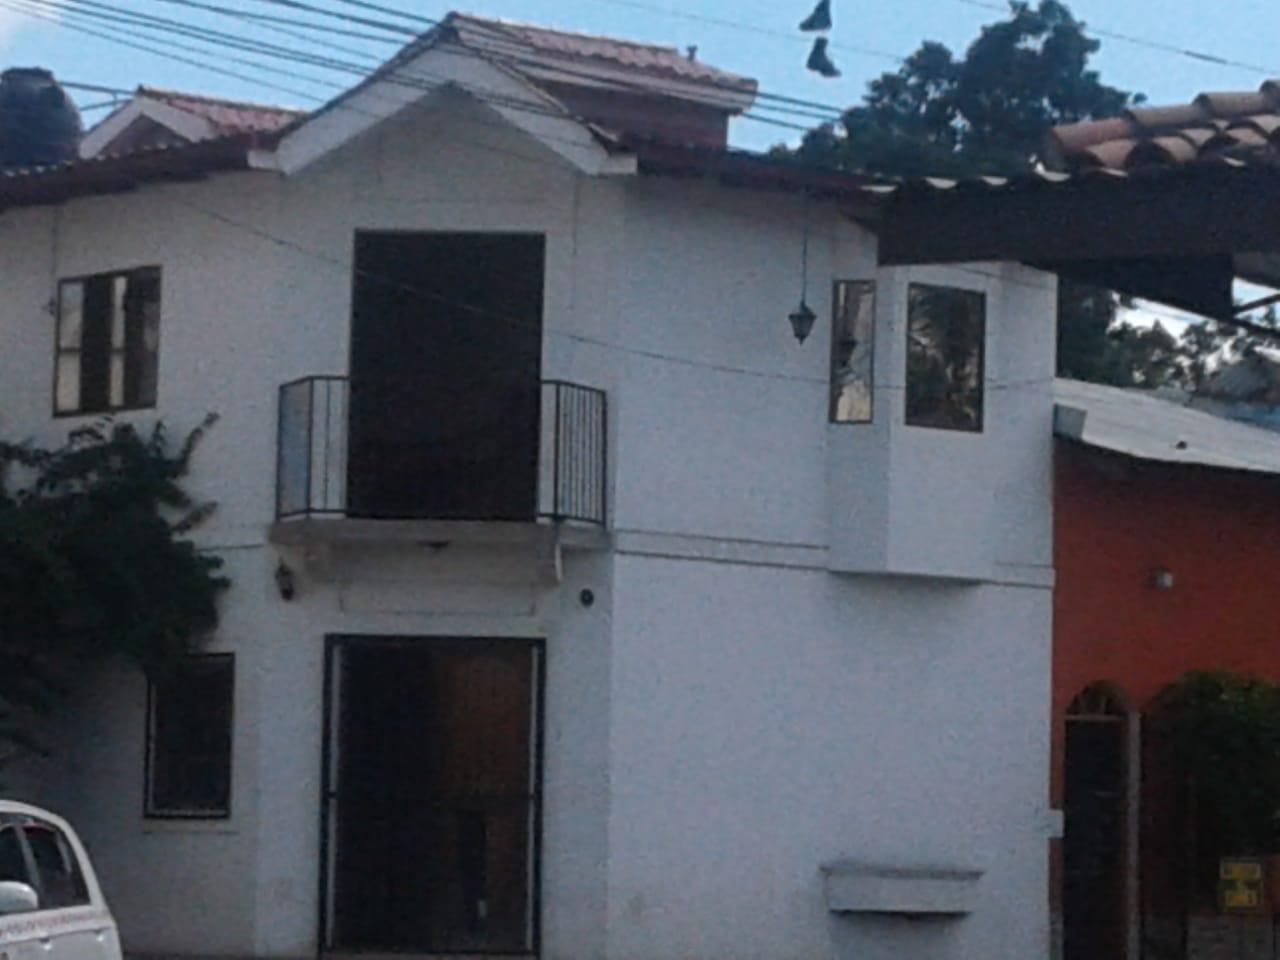 La casa blanca de Monimbó: de puesto médico a cuartel de paramilitares. Foto: N. Miranda / Artículo 66